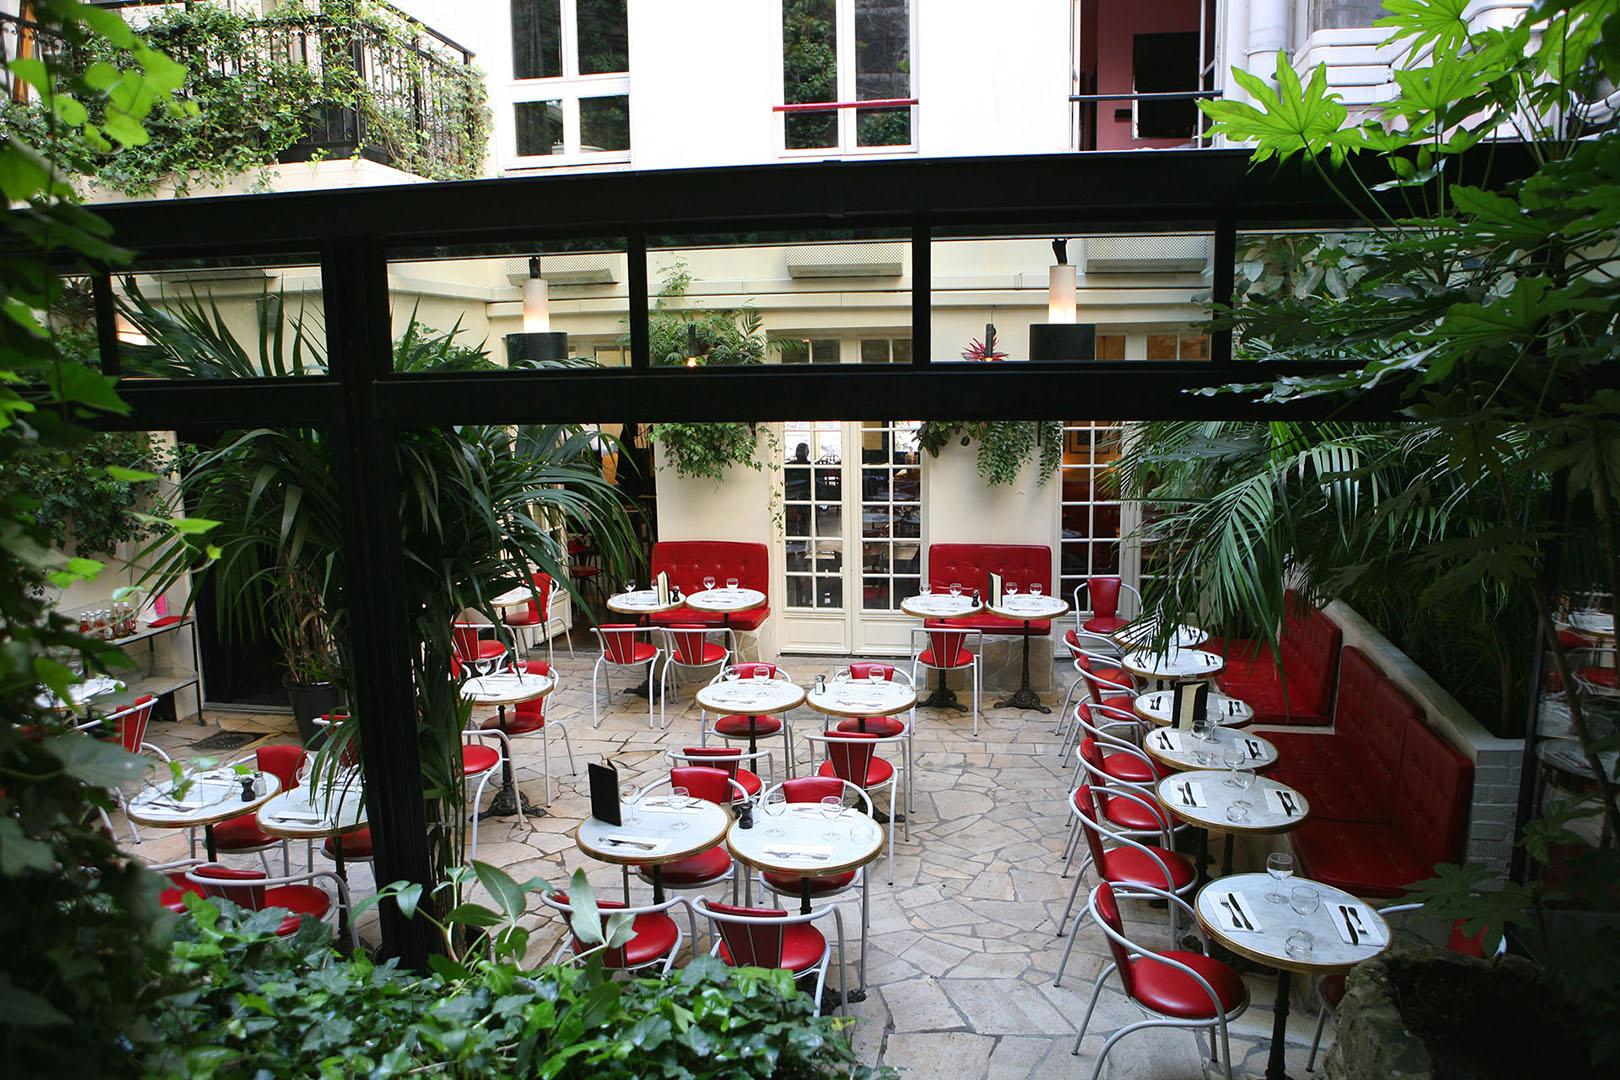 hotel amour paris patio